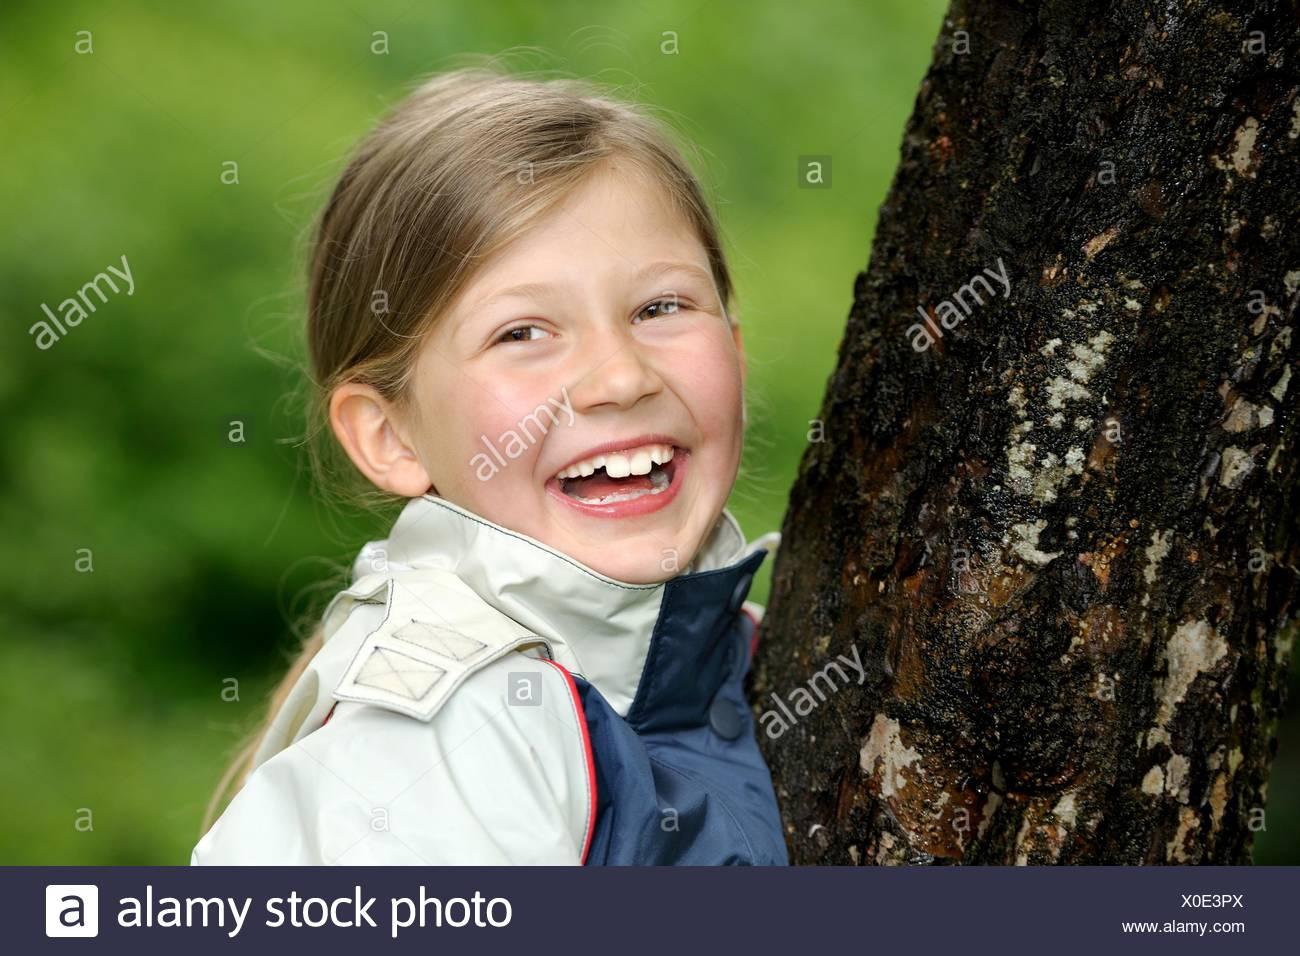 Mädchen, Baum, Umarmen, Beschützen, Bewahren, Schutz, genre, Schützen, Umweltschutz, Ökologie, ökologisch, Natur, natürlich, echt, wahrhaftig, lícito, Naturschutz, Rohstoff, Spiel, Spielen, Wachsen, Wachstum, Liebe, Wald, Zukunft, Spaß, Nachhaltigkeit, Kindheit, lachend, Jung, Hände, draußen, Erhalten, Forst, Euphorie, Freude, Frühling, Holz, grün, allein, Image Regenkleidung, weiblich, gute Laune,,, Toben Glücklich, Regenjacke, Regenwetter, Portrait, personne, Baumstam Photo Stock